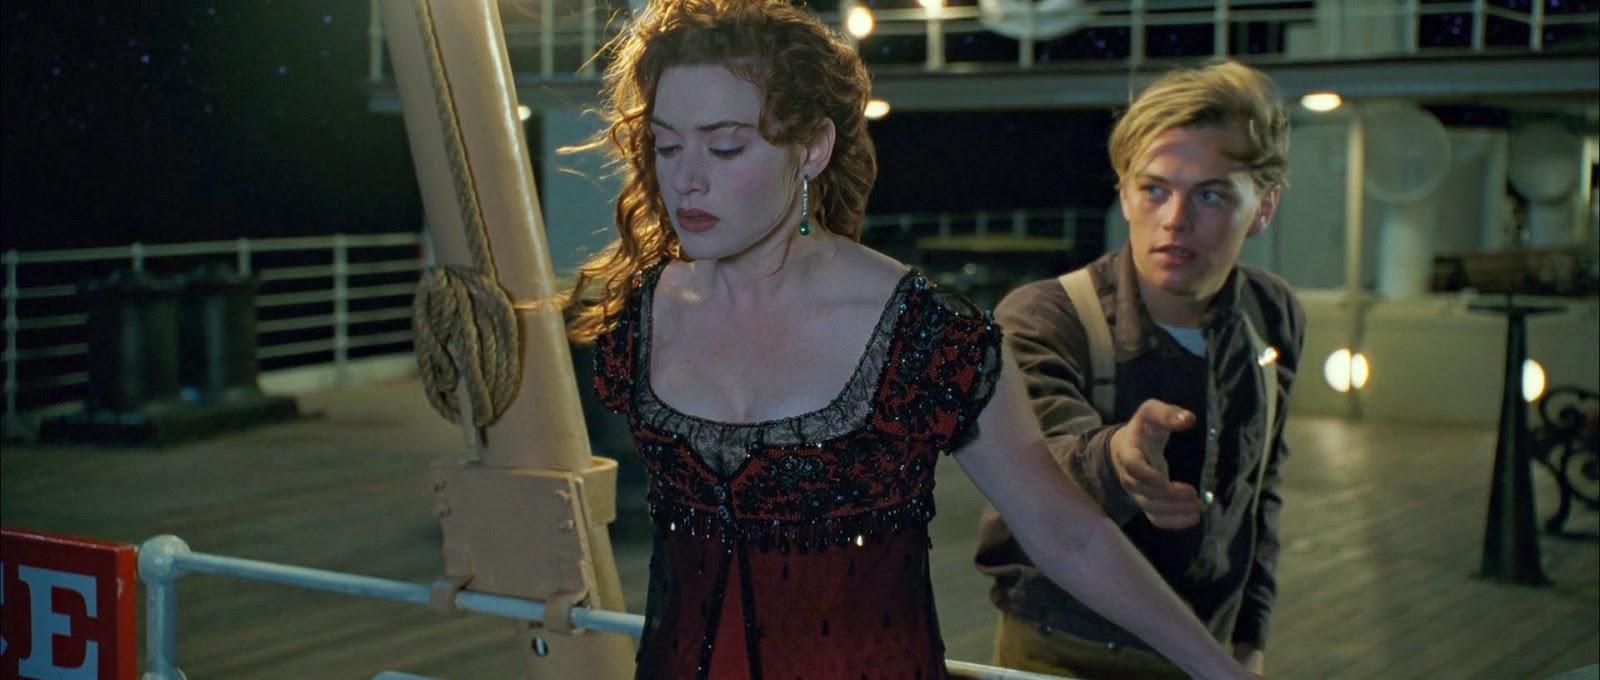 Rose quiere saltar titanic